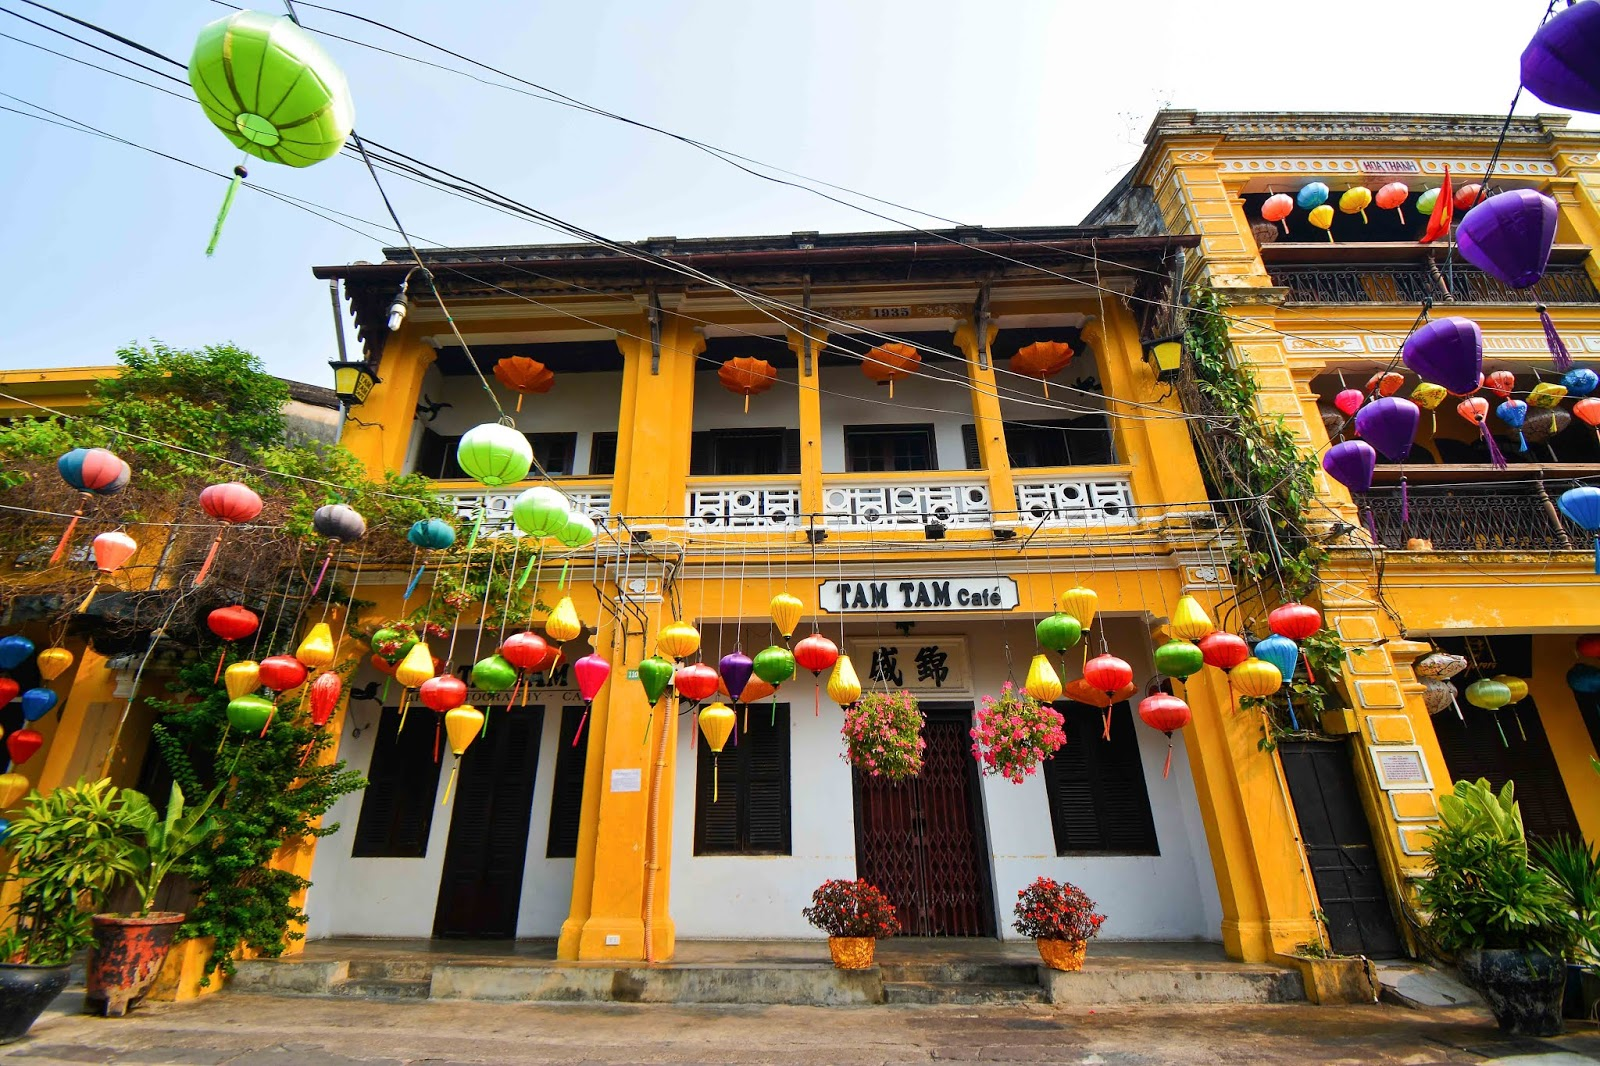 Lịch trình chụp ảnh ngoại cảnh tại phố cổ Hội An